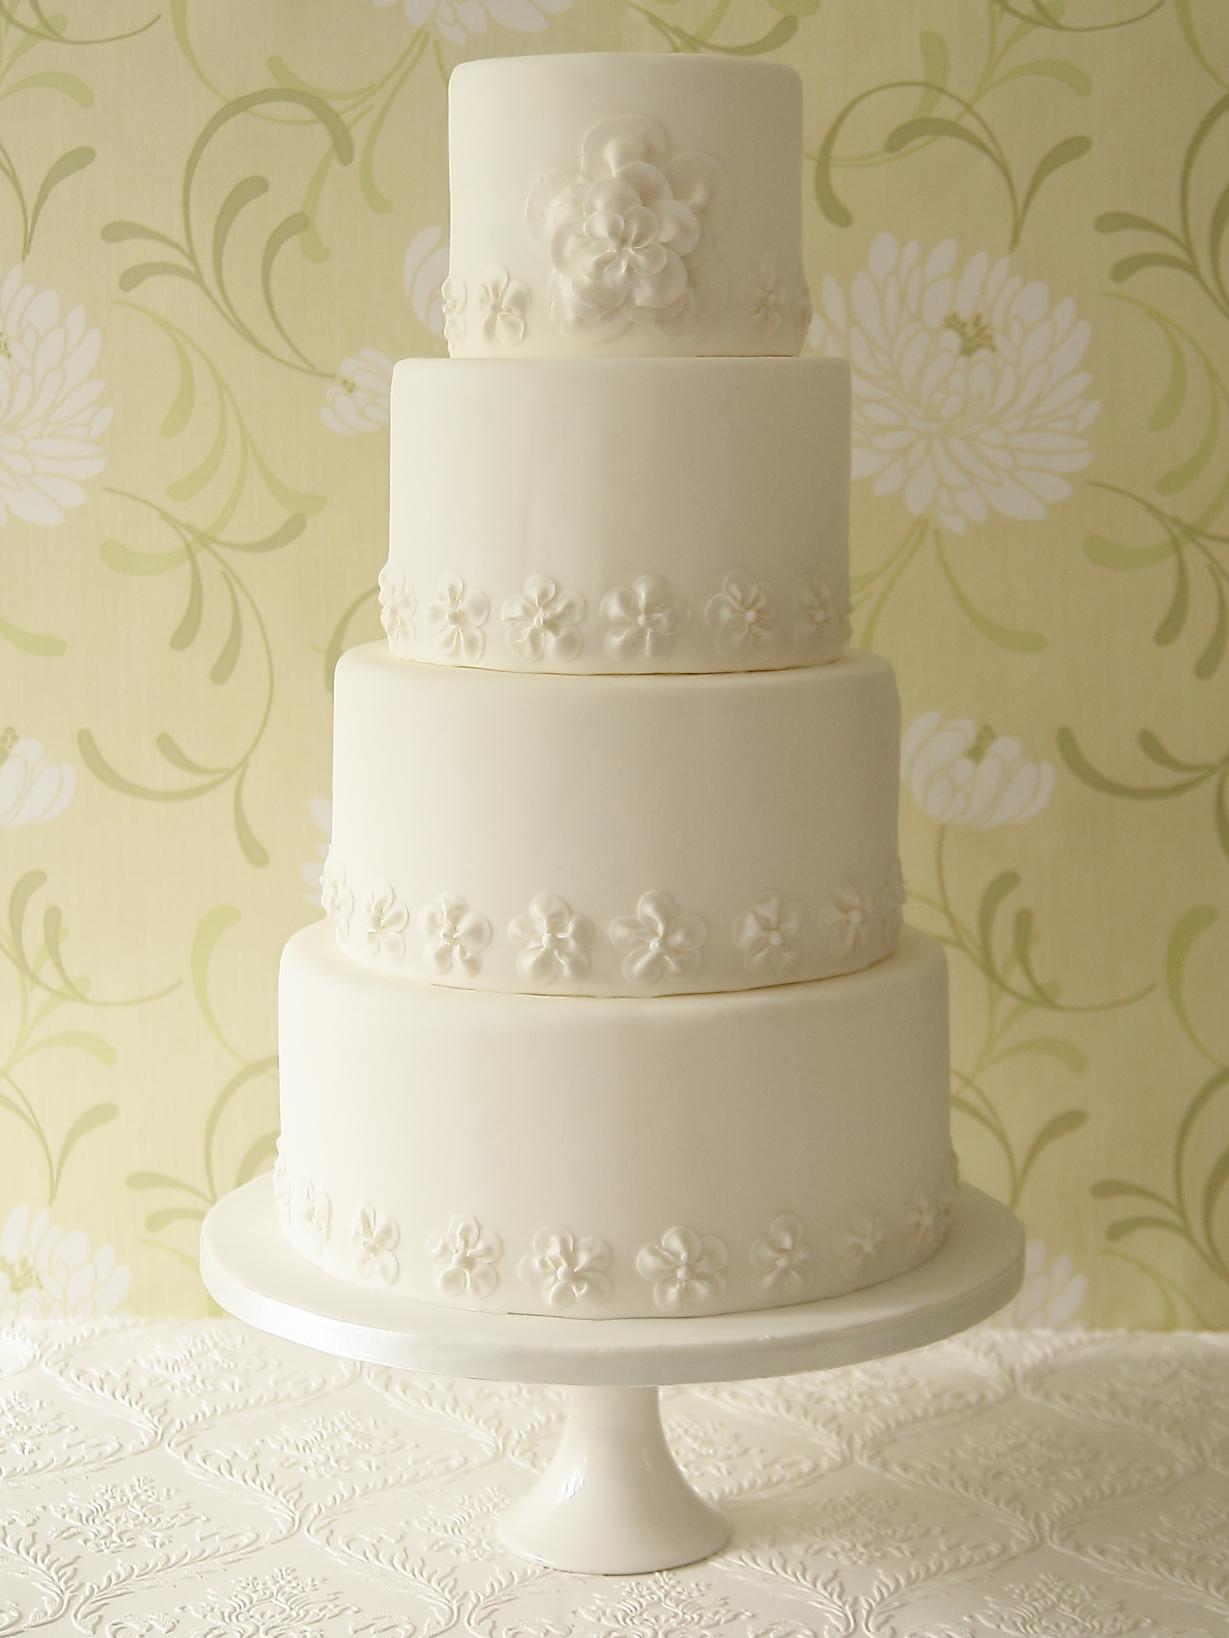 Cetelia wedding cake